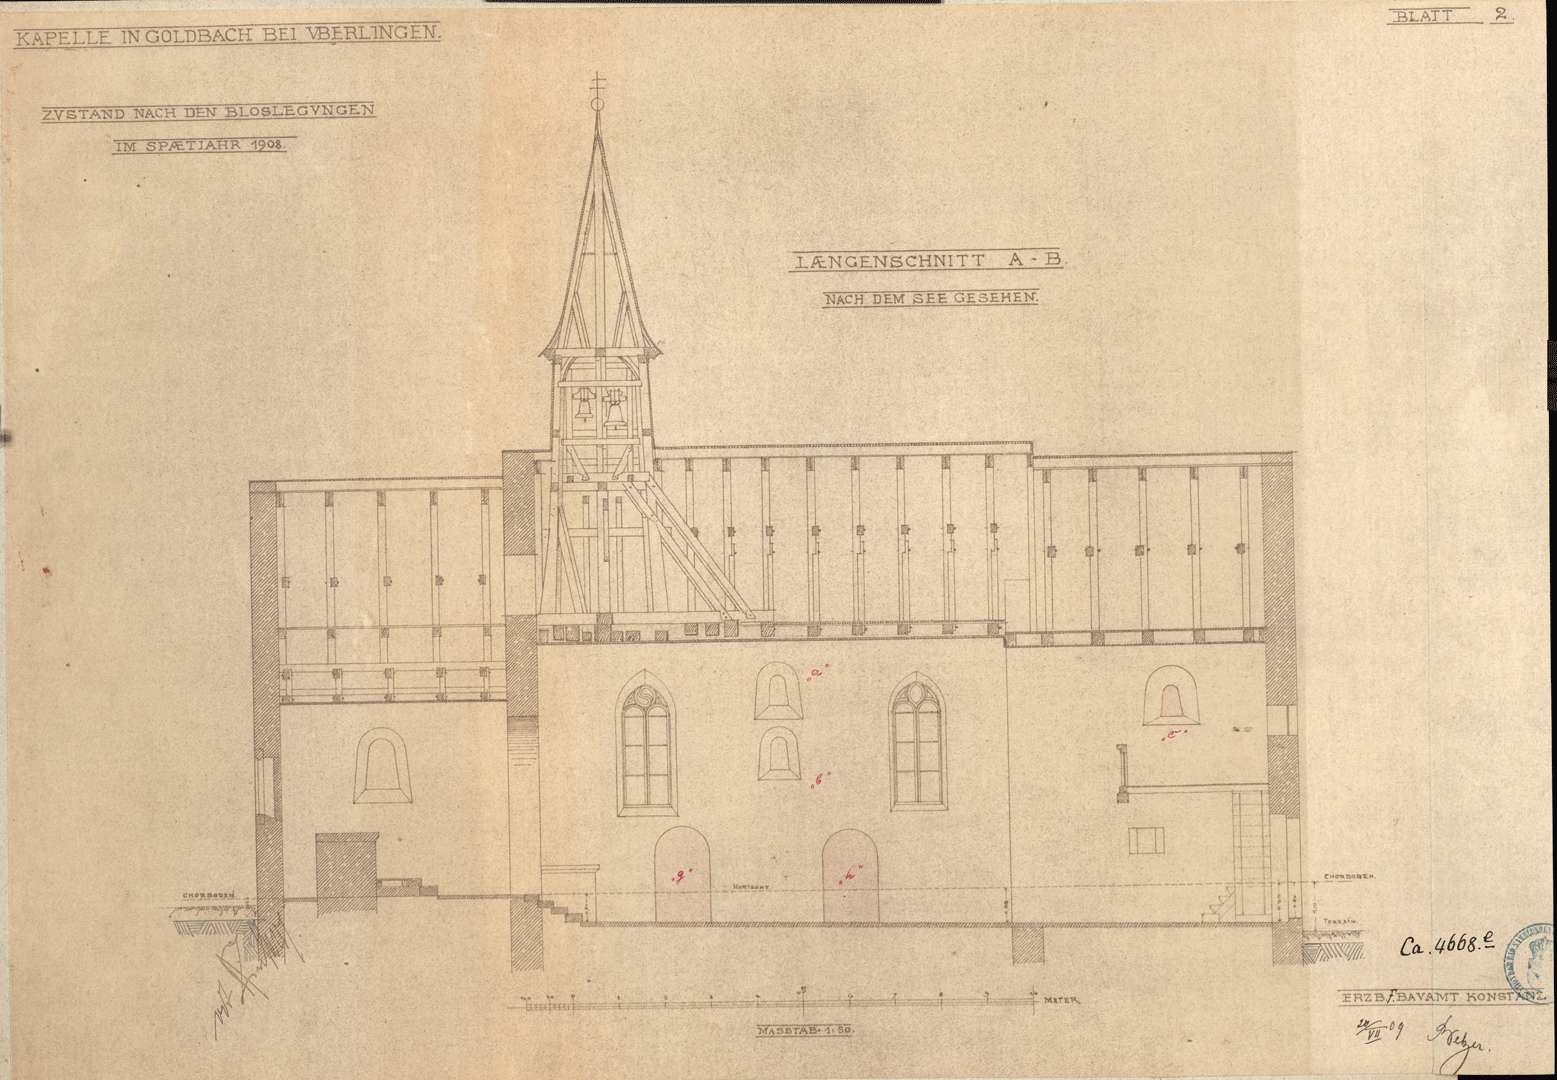 Goldbach St. Sylvester-Kapelle Längenschnitt nach dem See gesehen, Bild 1